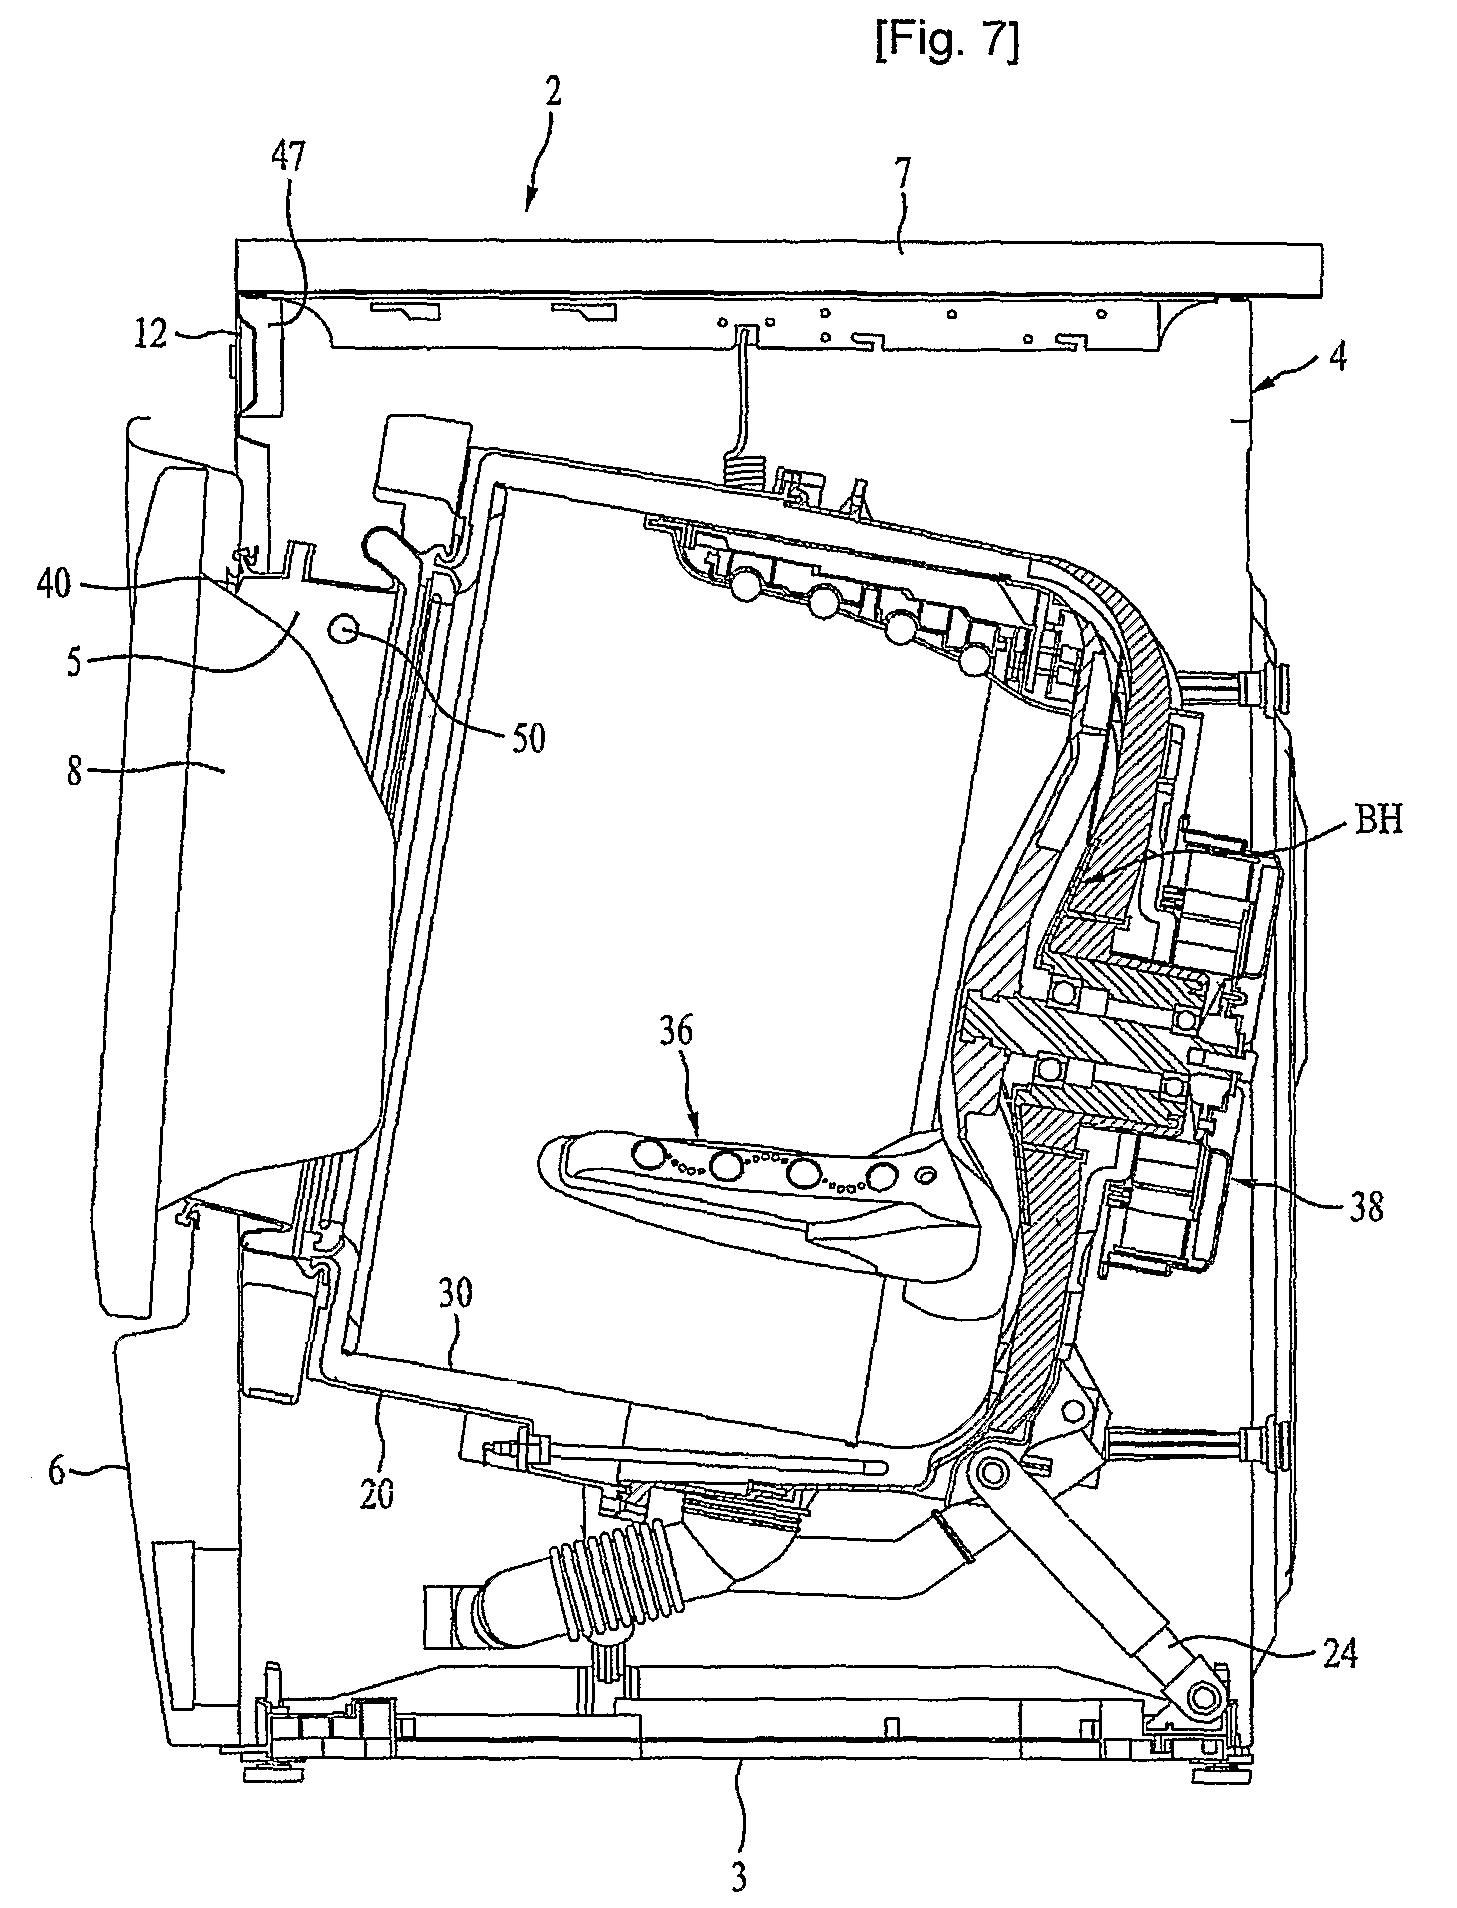 lg washing machine wiring diagram  lg  free engine image